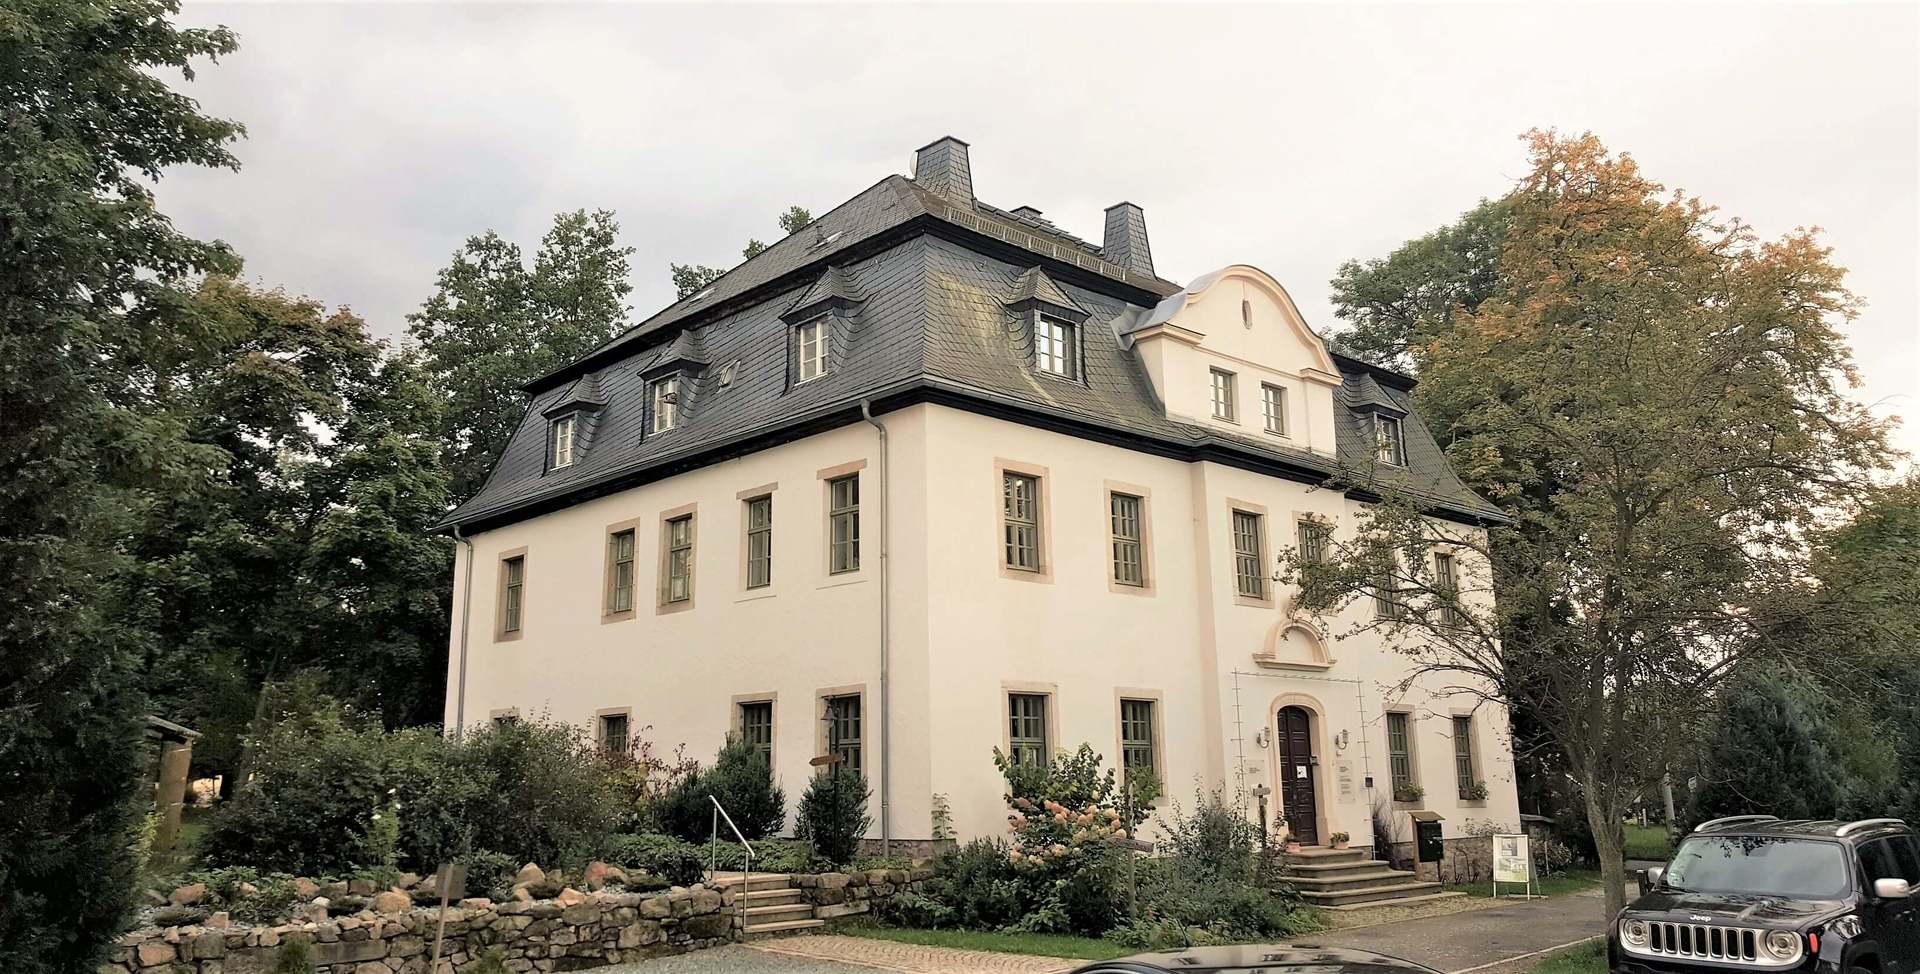 Rittergut Adlershof zu Oberlauterbach - Herrenhaus © Jens Reiher